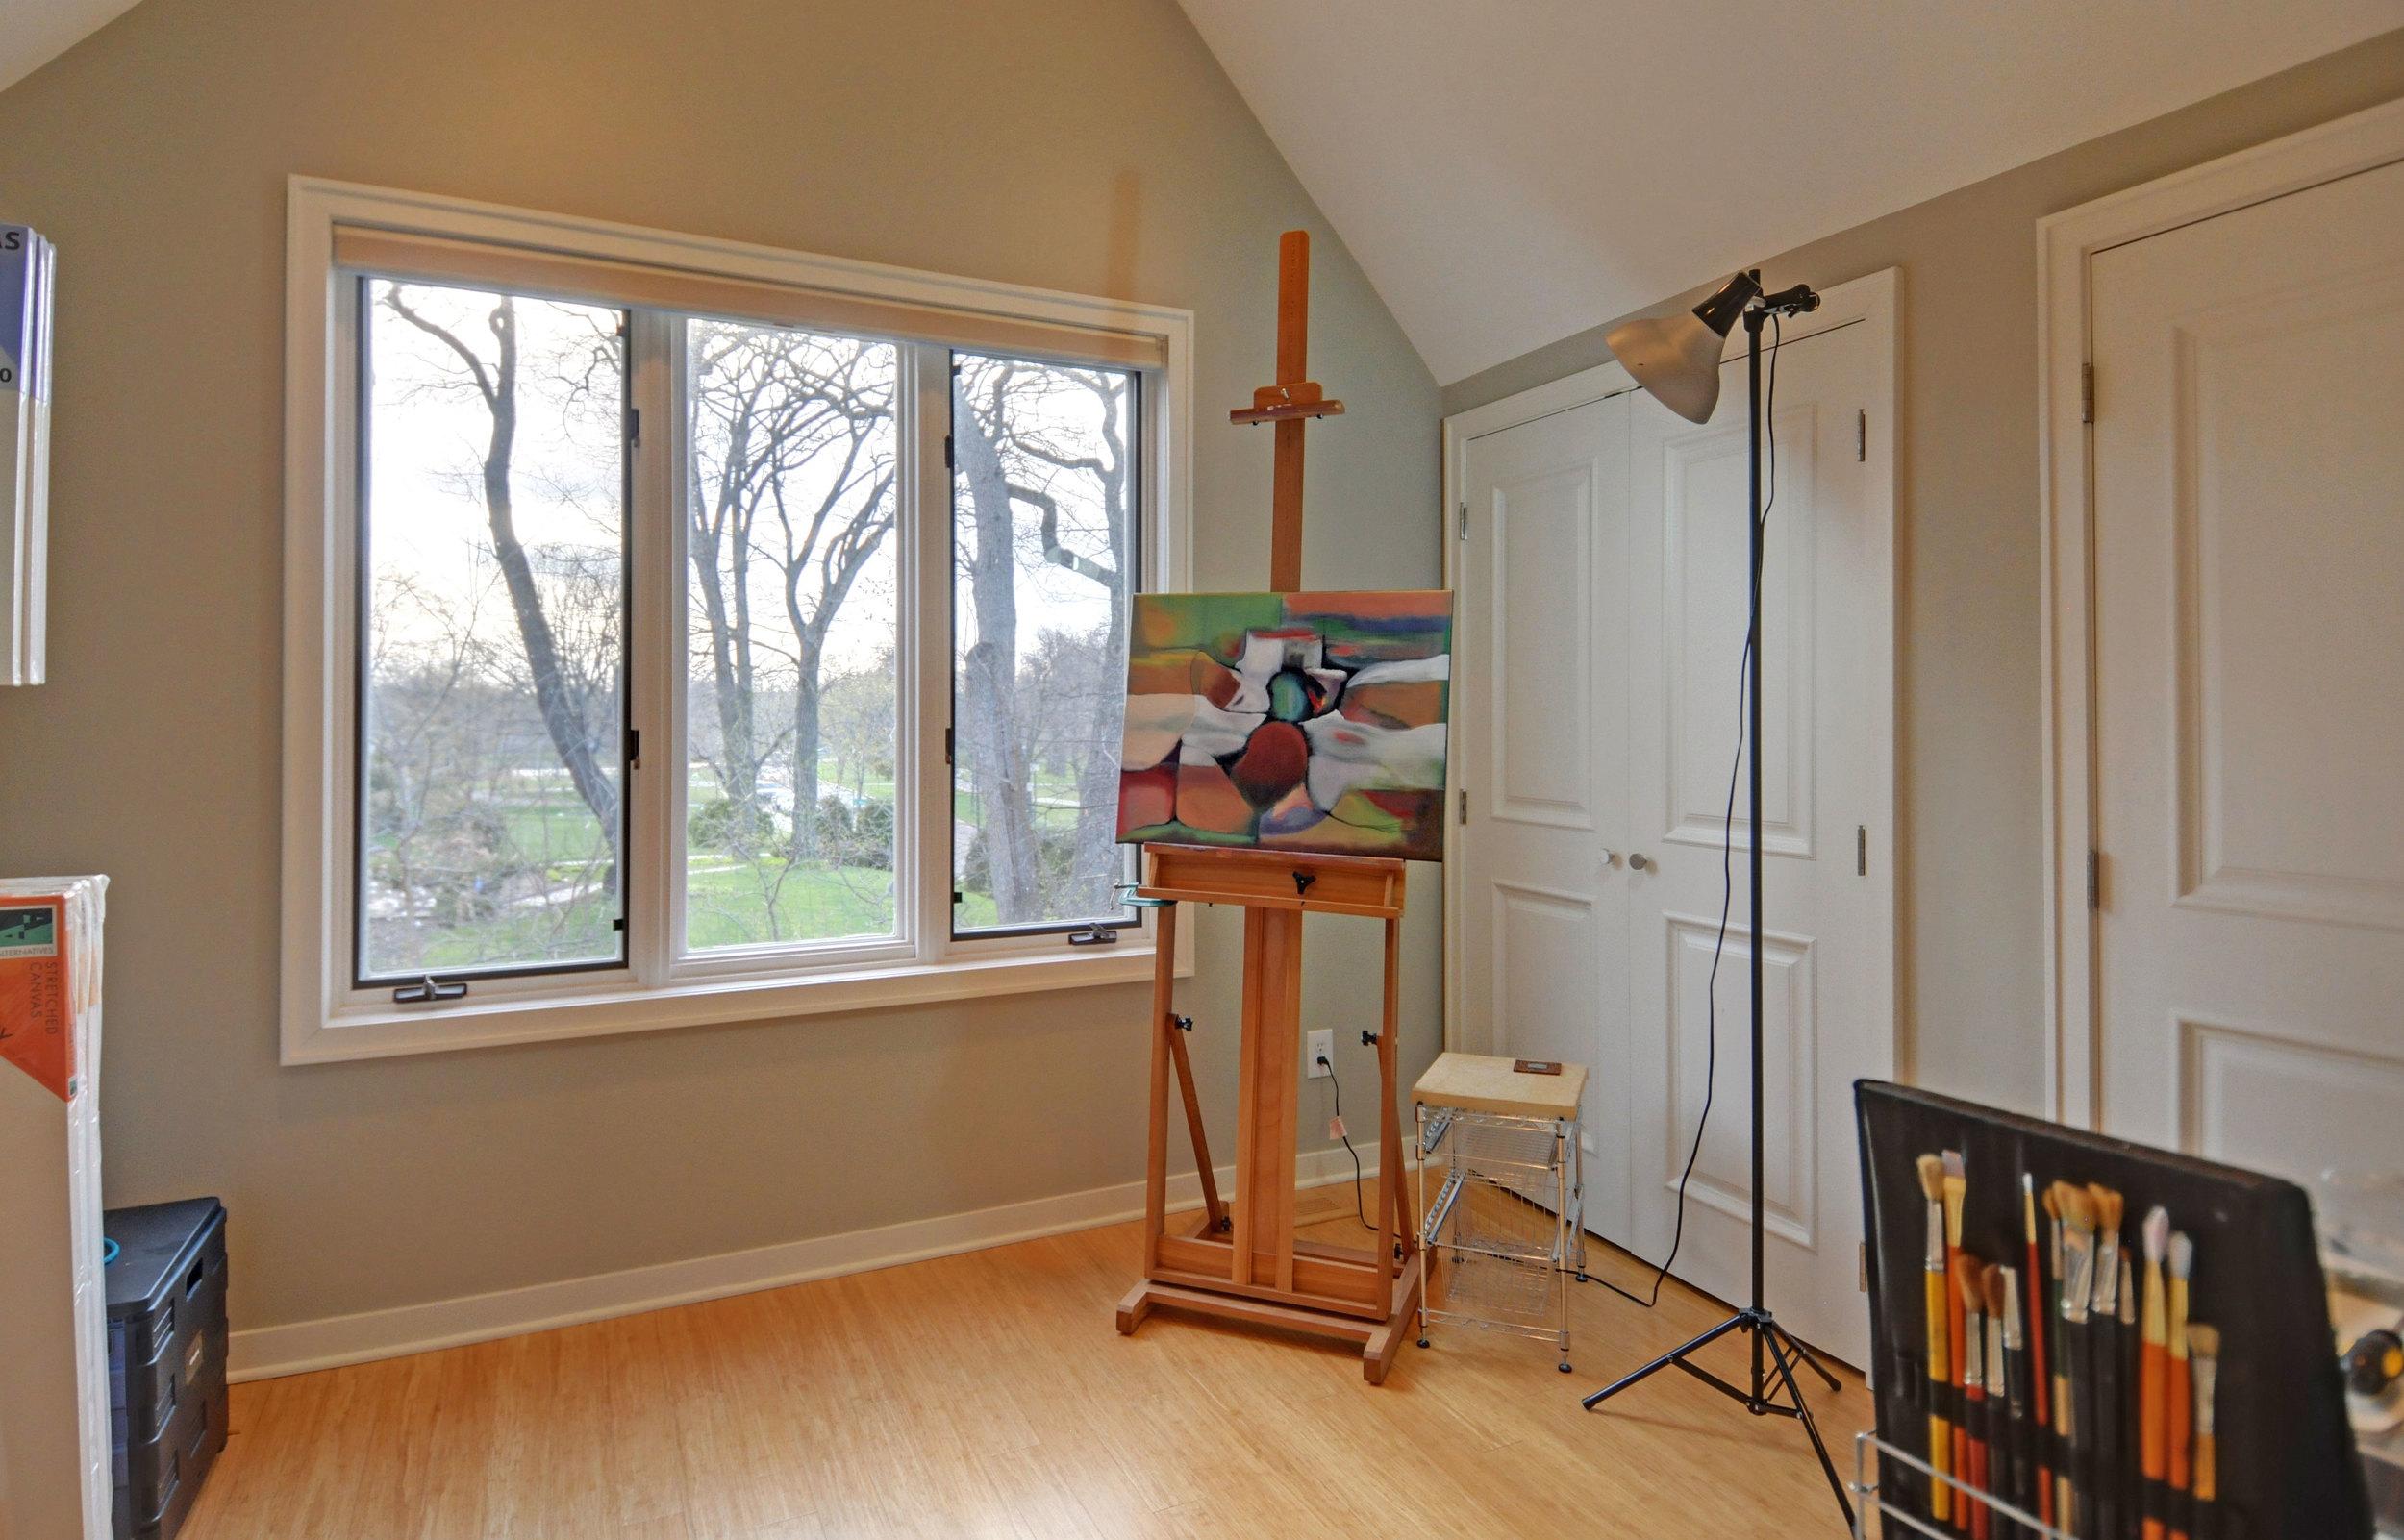 9.1.1 3738-upper-level-2nd-bedroom.jpg